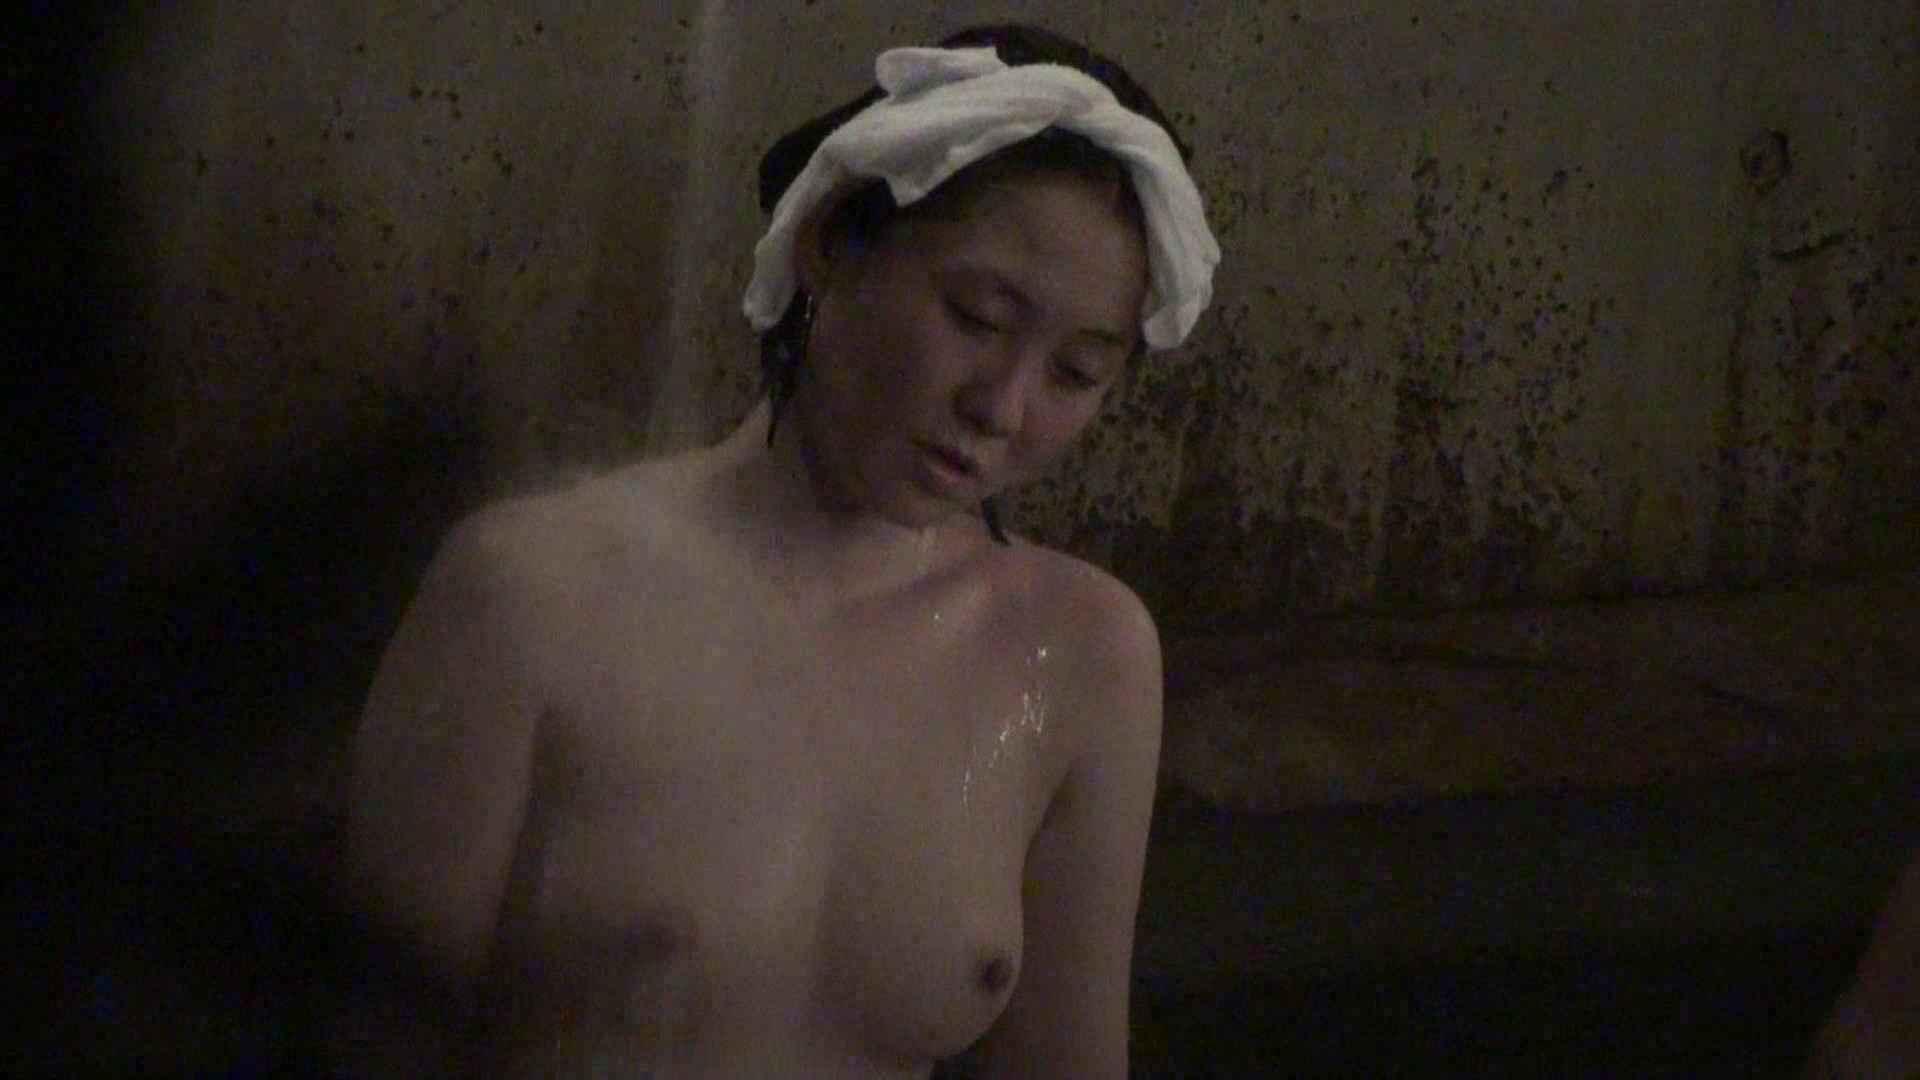 Aquaな露天風呂Vol.322 OL女体 | 女体盗撮  108連発 97